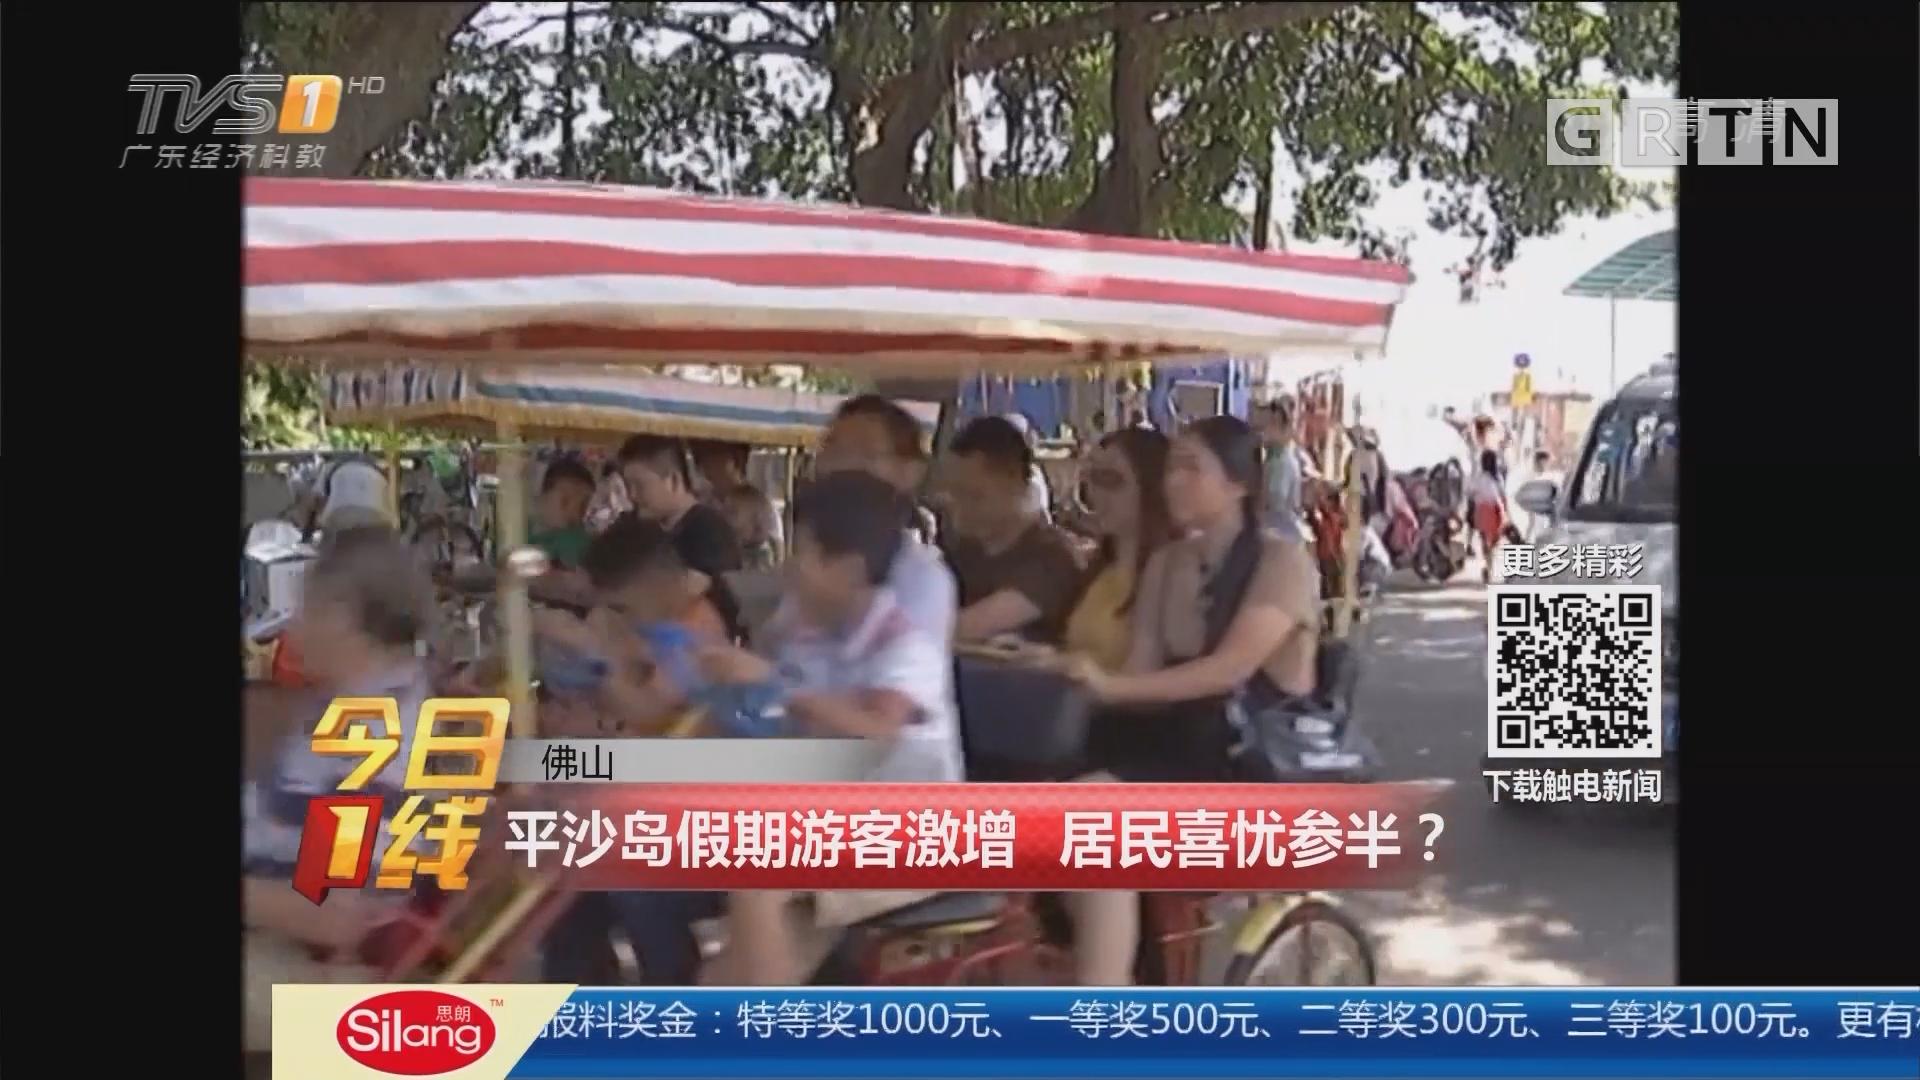 佛山:平沙岛假期游客激增 居民喜忧参半?